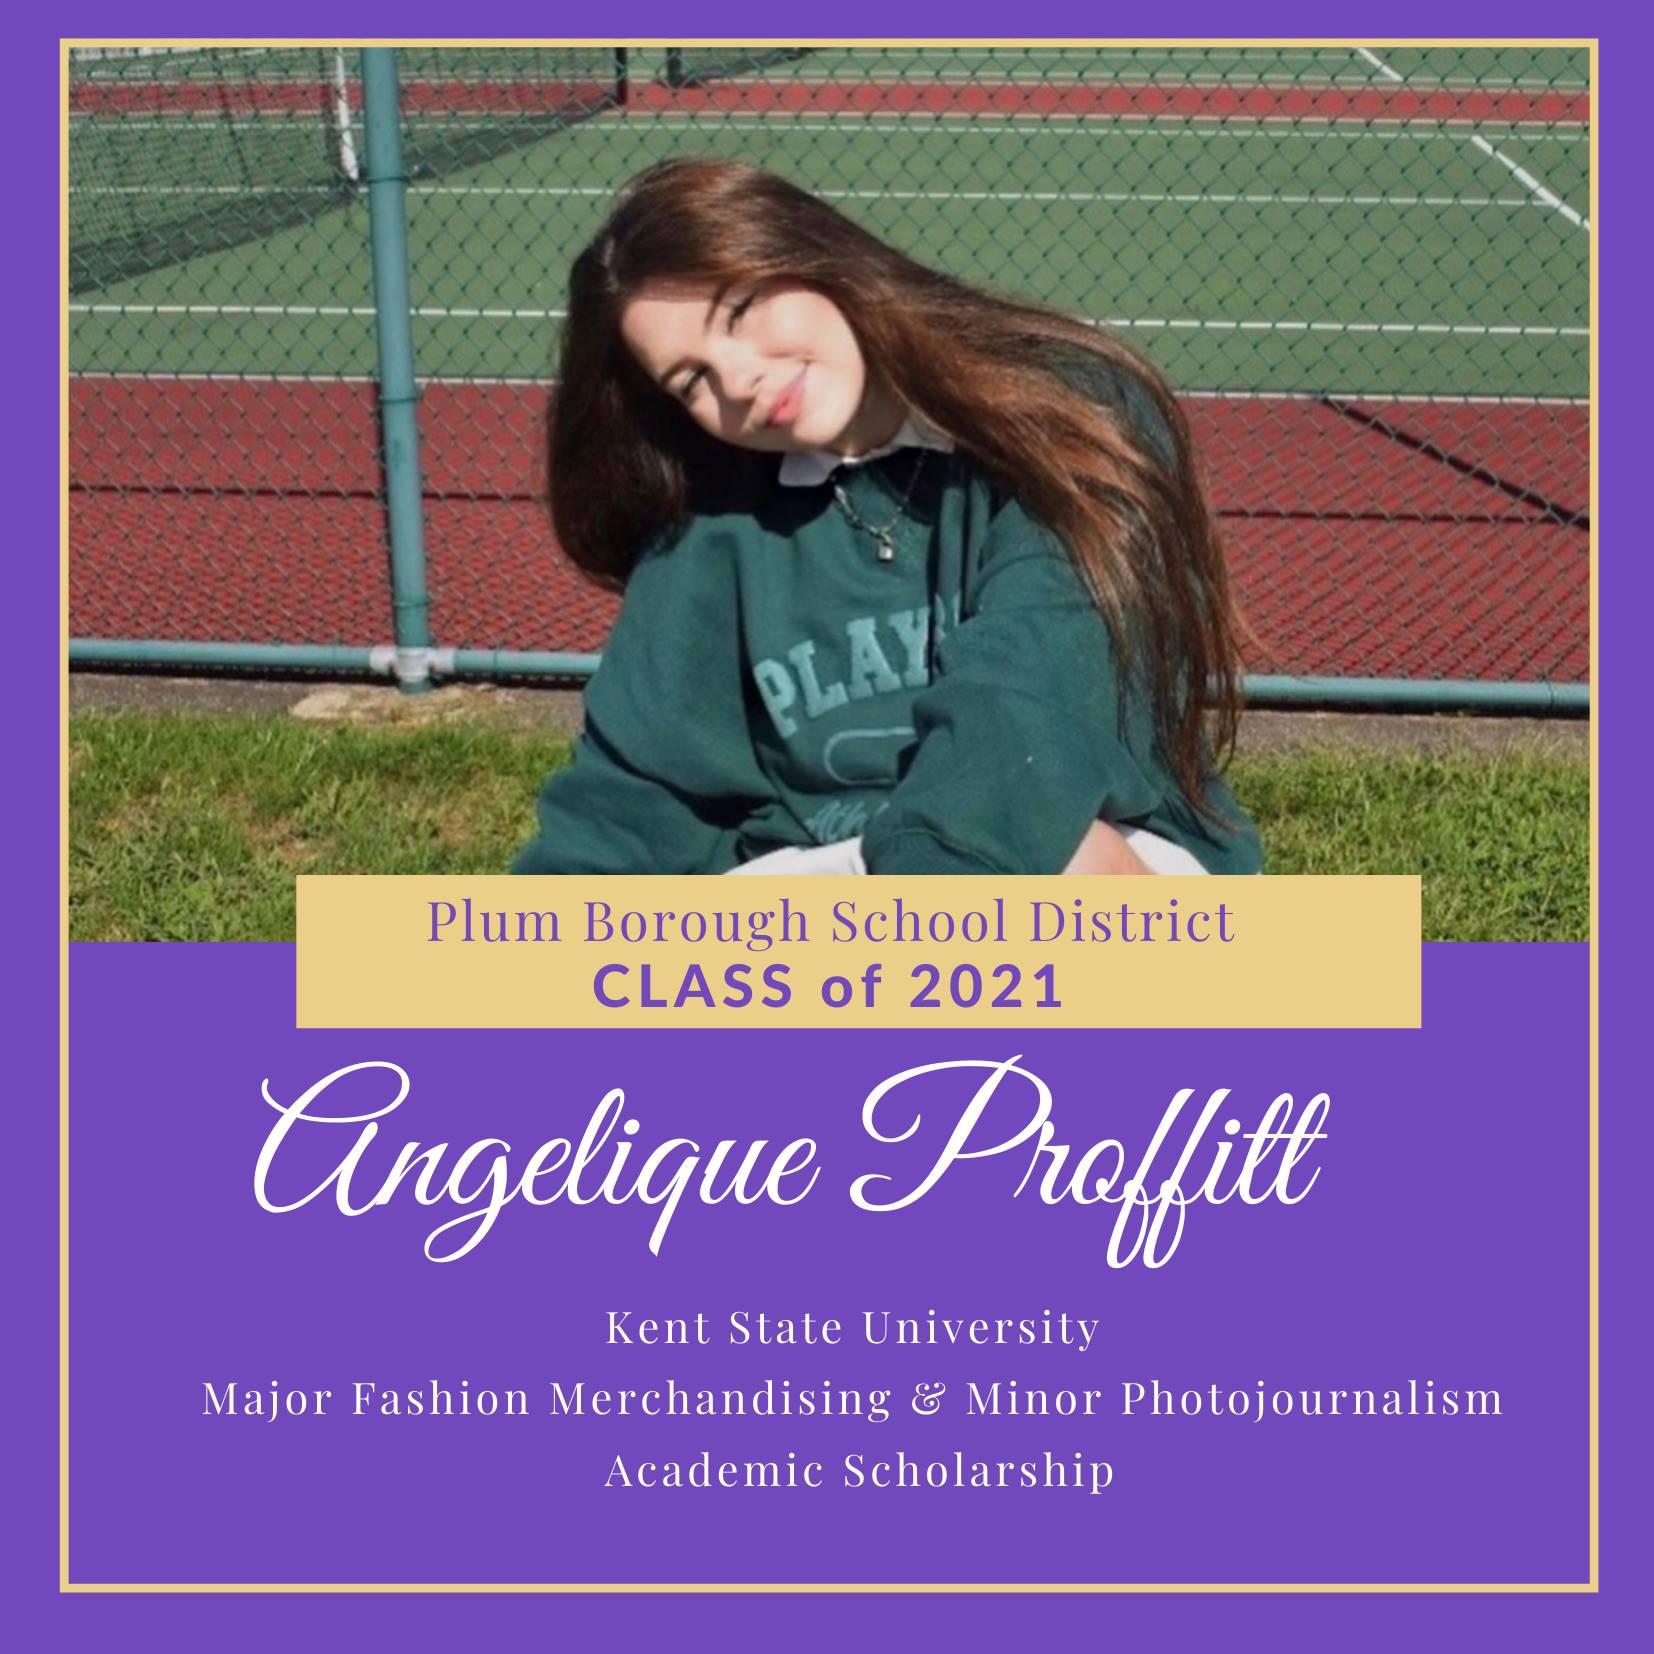 Congratulations to Angelique Proffitt, Class of 2021!